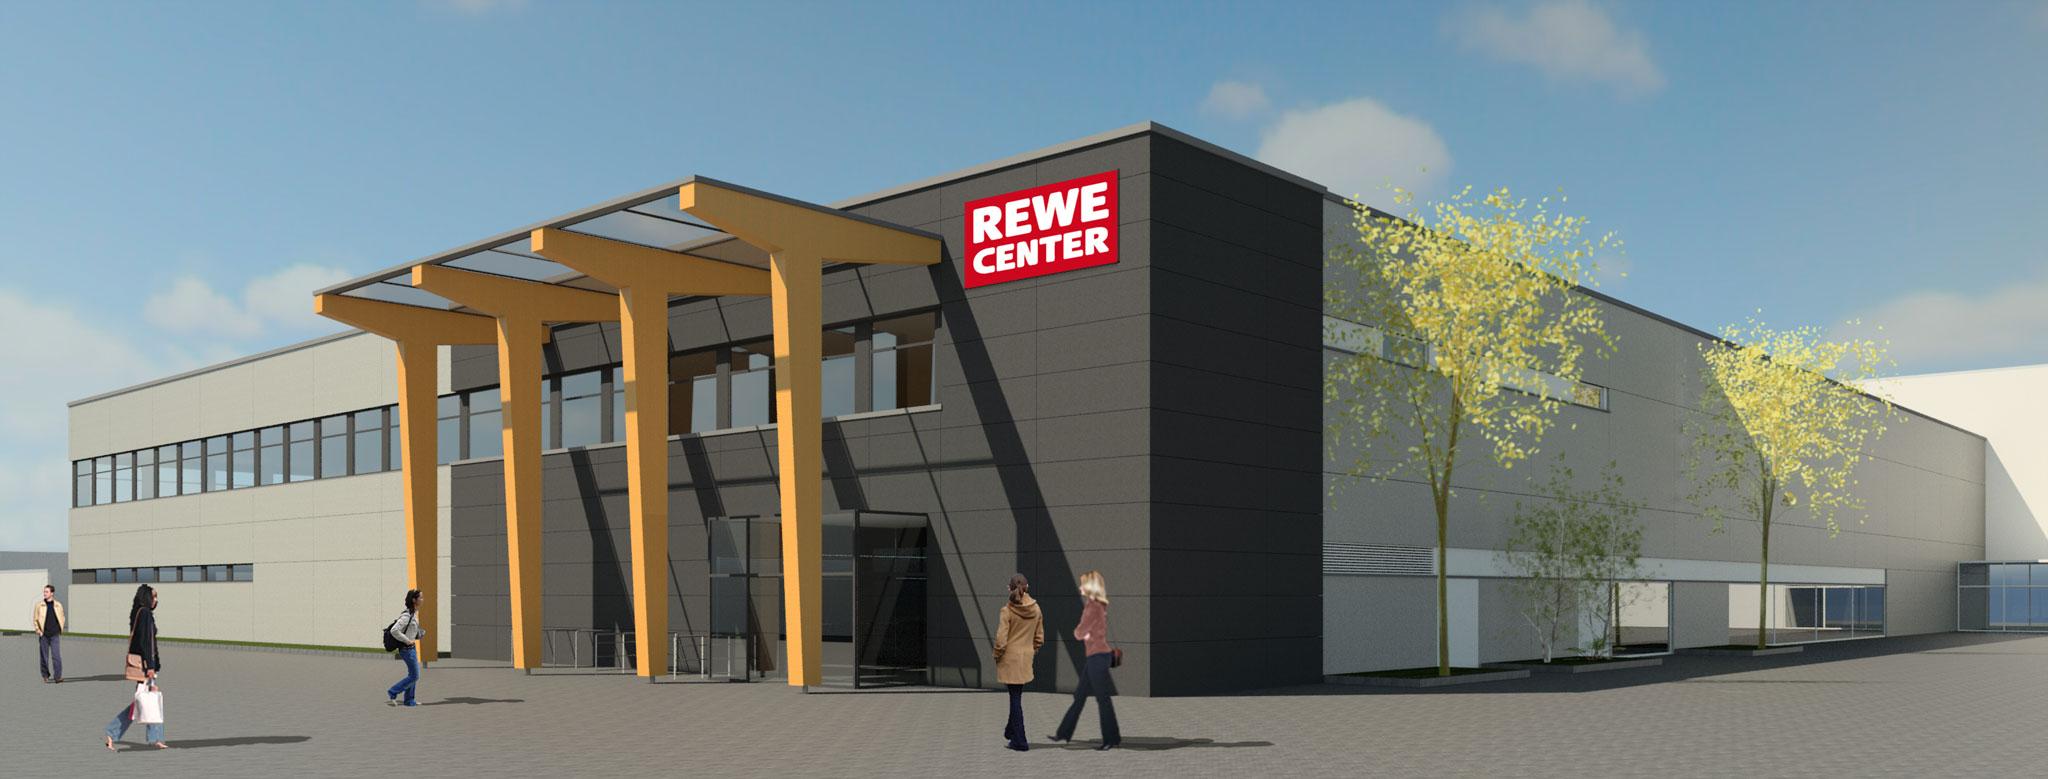 REWE-Center im Leine-Center (ECE), Laatzen